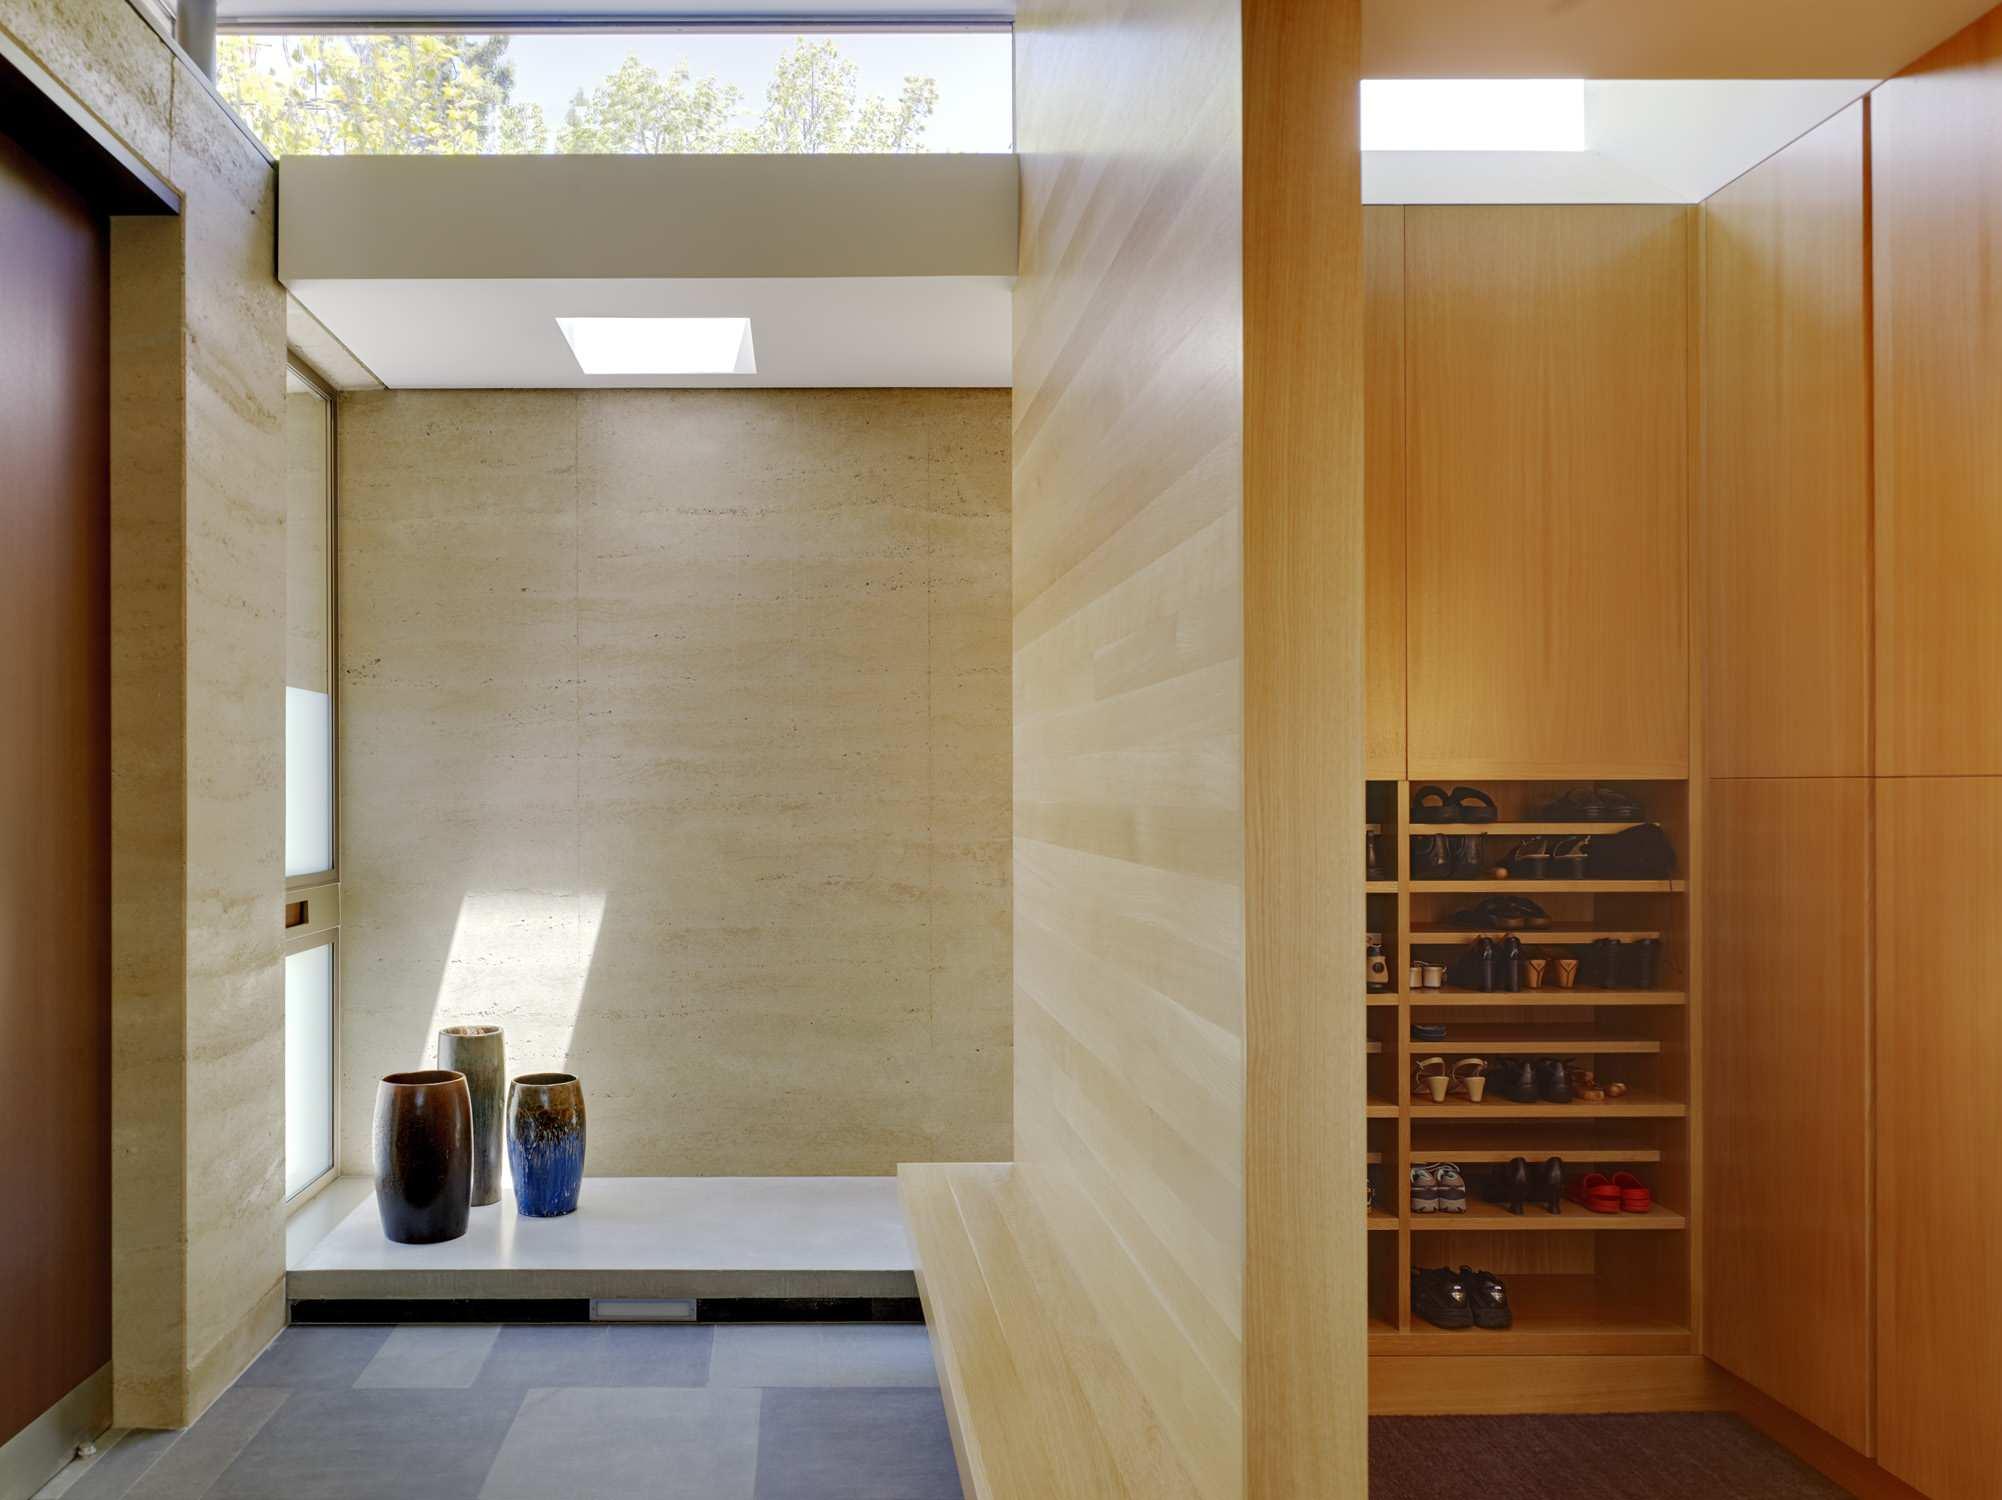 Японский интерьер со встроенной мебелью